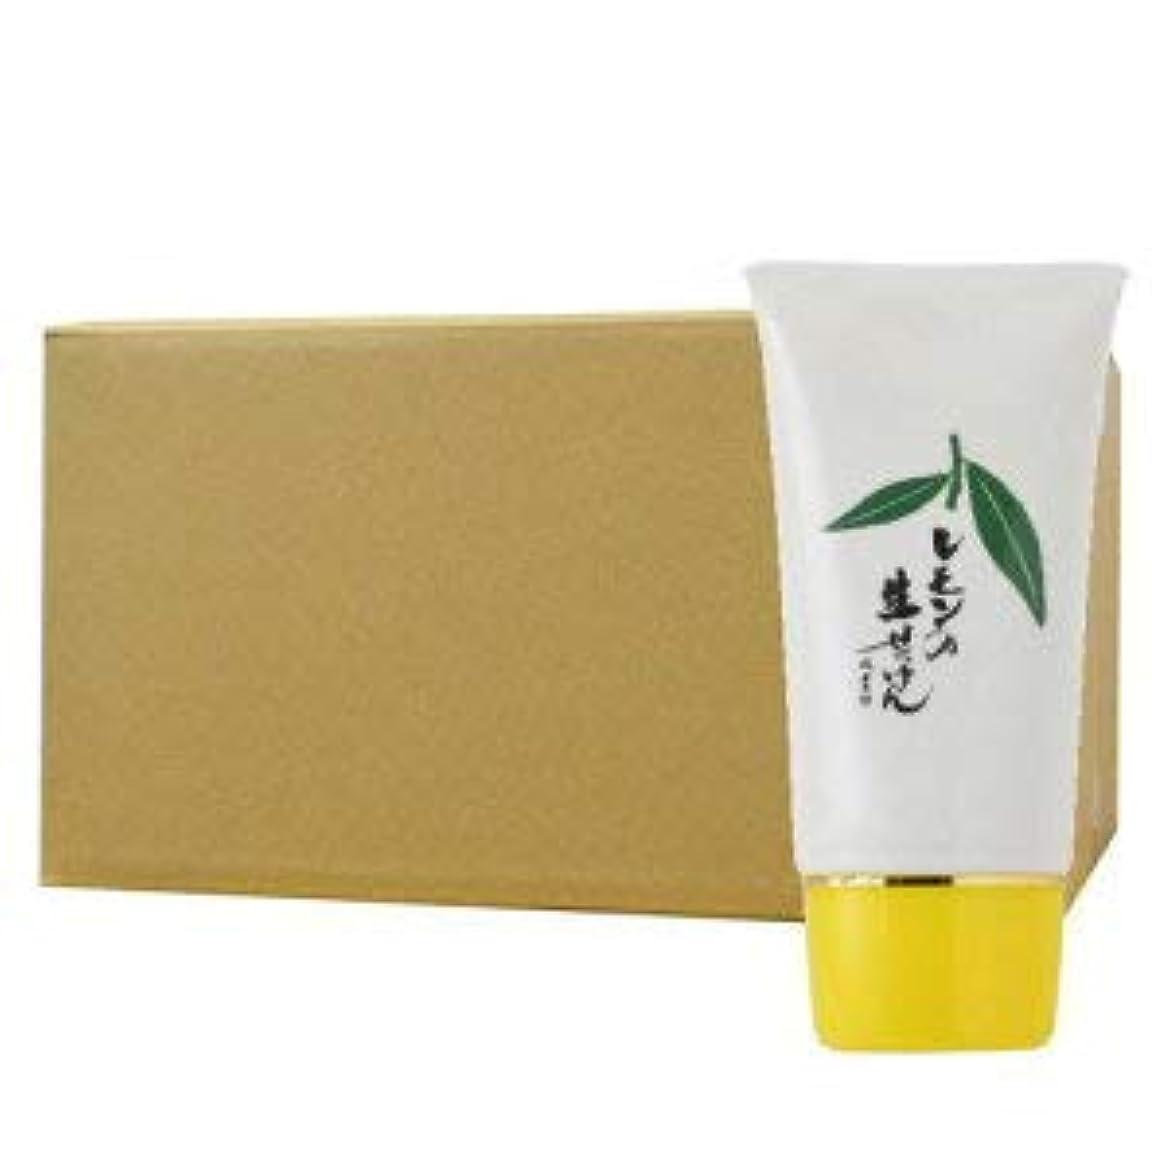 合図ヒット寄付するUYEKI美香柑レモンの生せっけん70g×60個セット